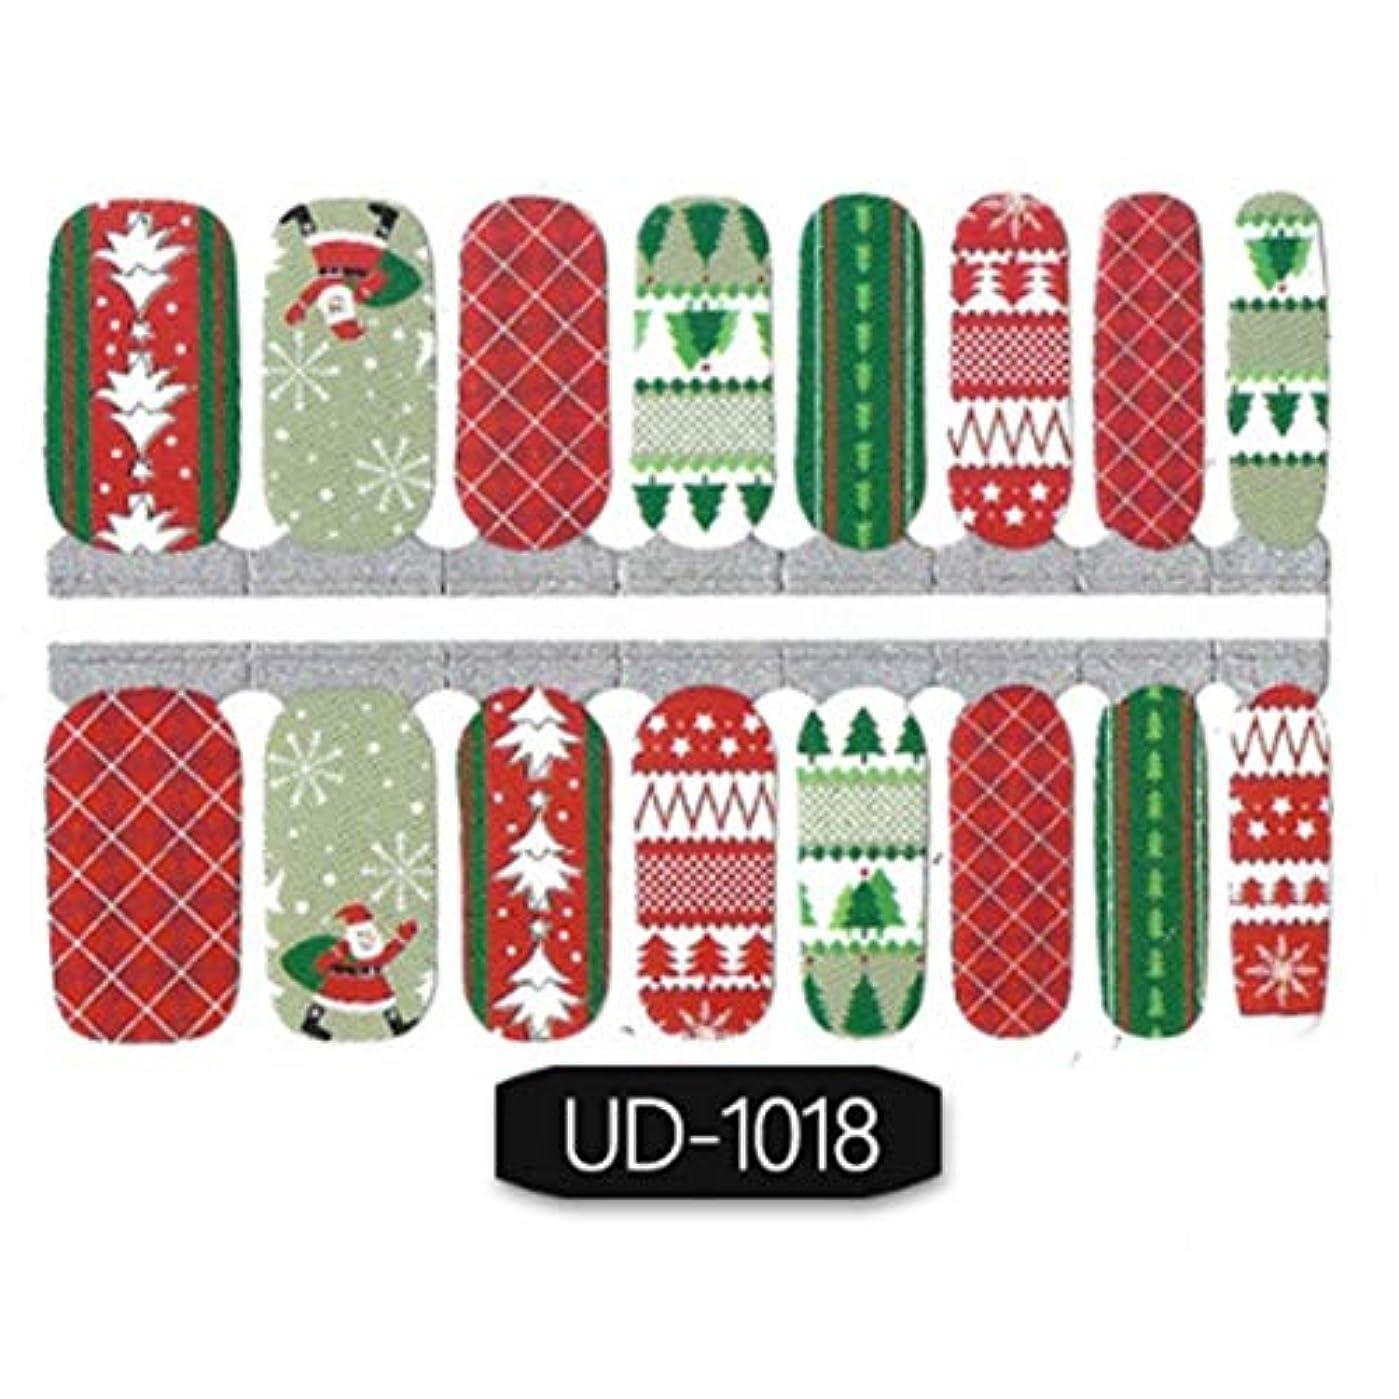 オークランド不透明な多様性ACHICOO ネイルシール ステッカー セット 16パターン クリスマス 粘着紙 デコレーション 超可愛い オシャレ UD-1018 通常の仕様